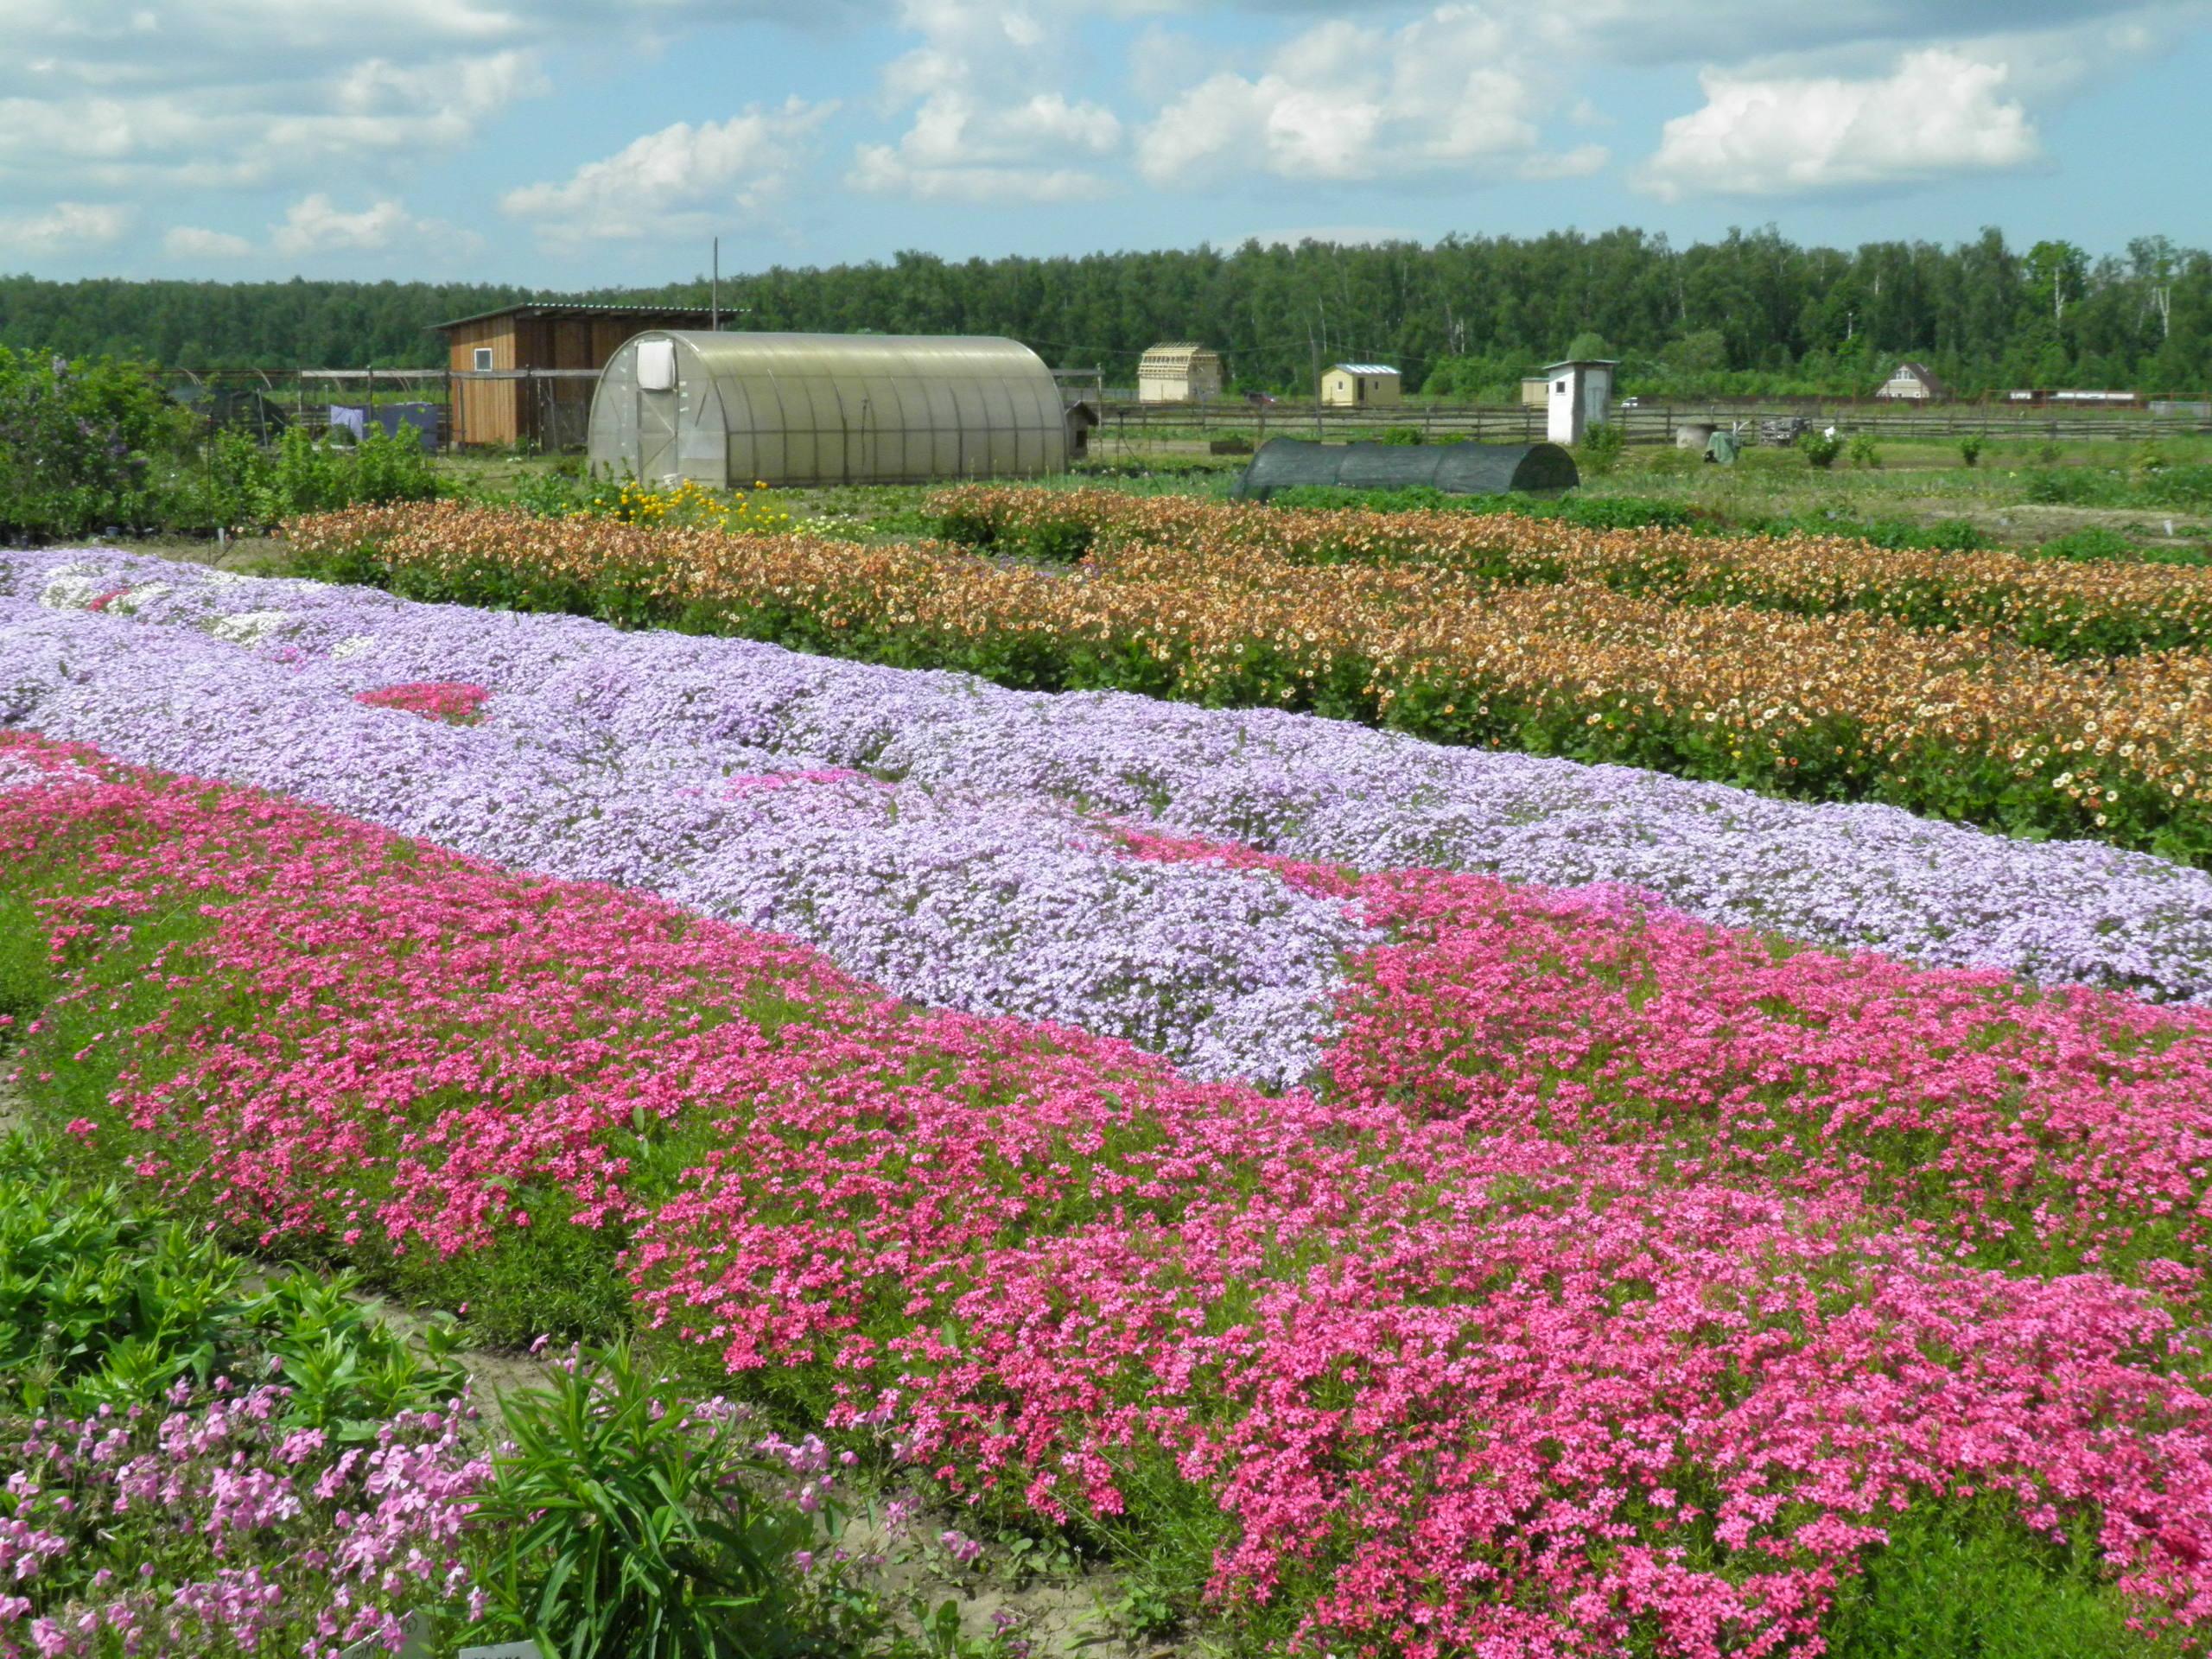 Cvetochnaja stranarf